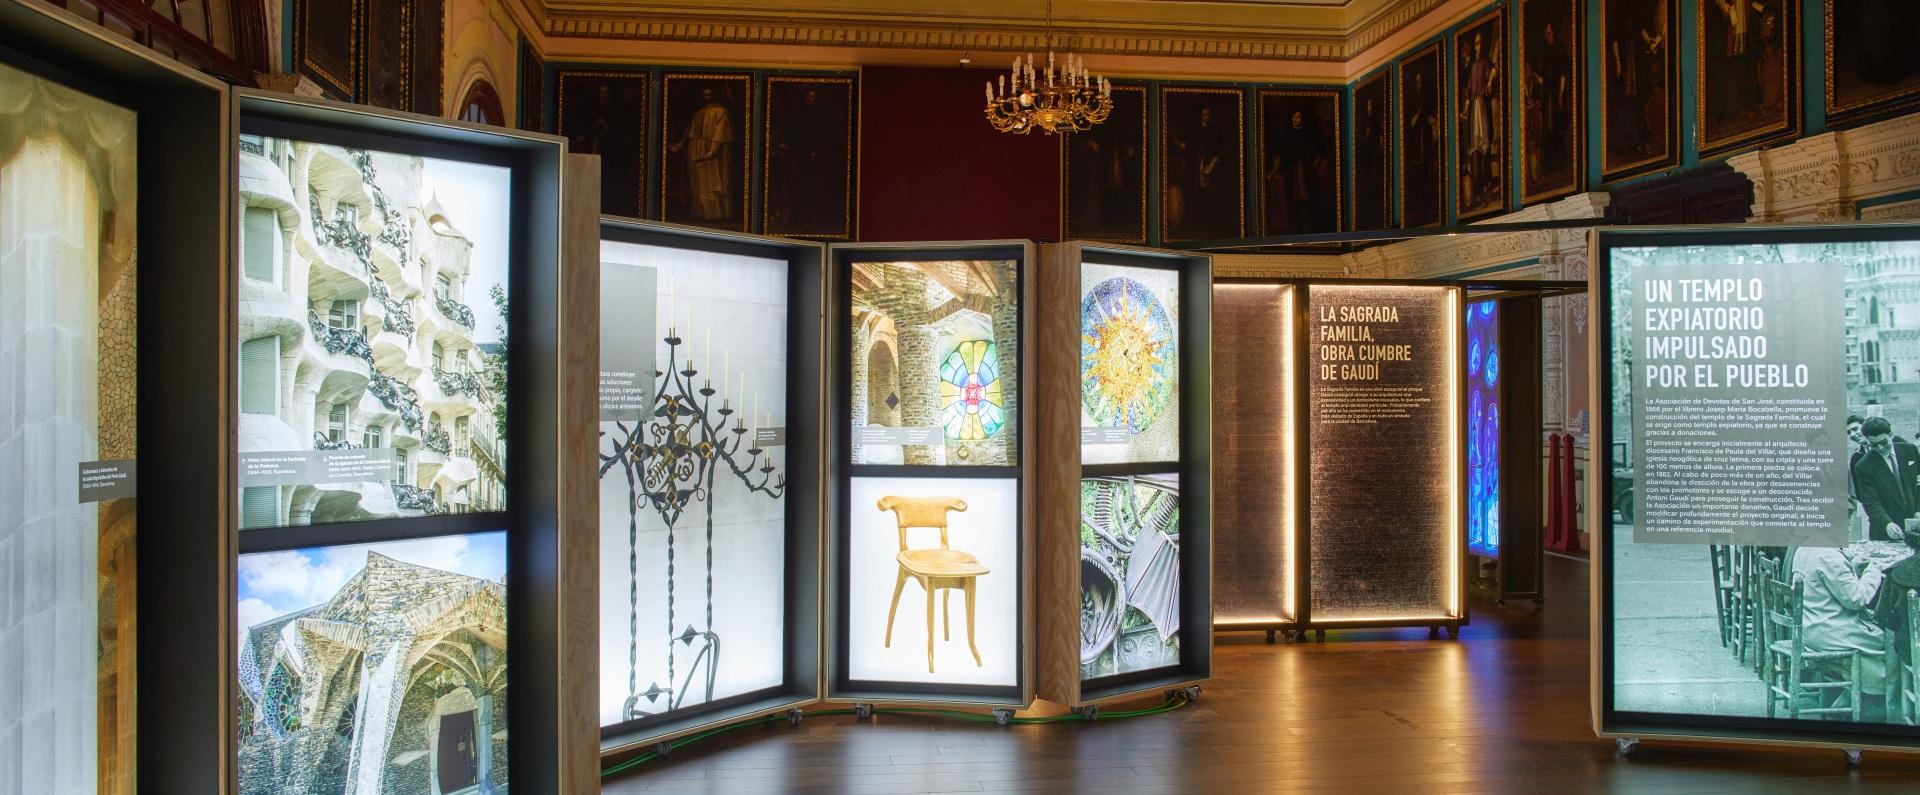 Exposición Gaudí Sagrada Familia. Imágenes de edificios y muebles en cajas iluminadas. Retratos de cardenales en sala antigua.